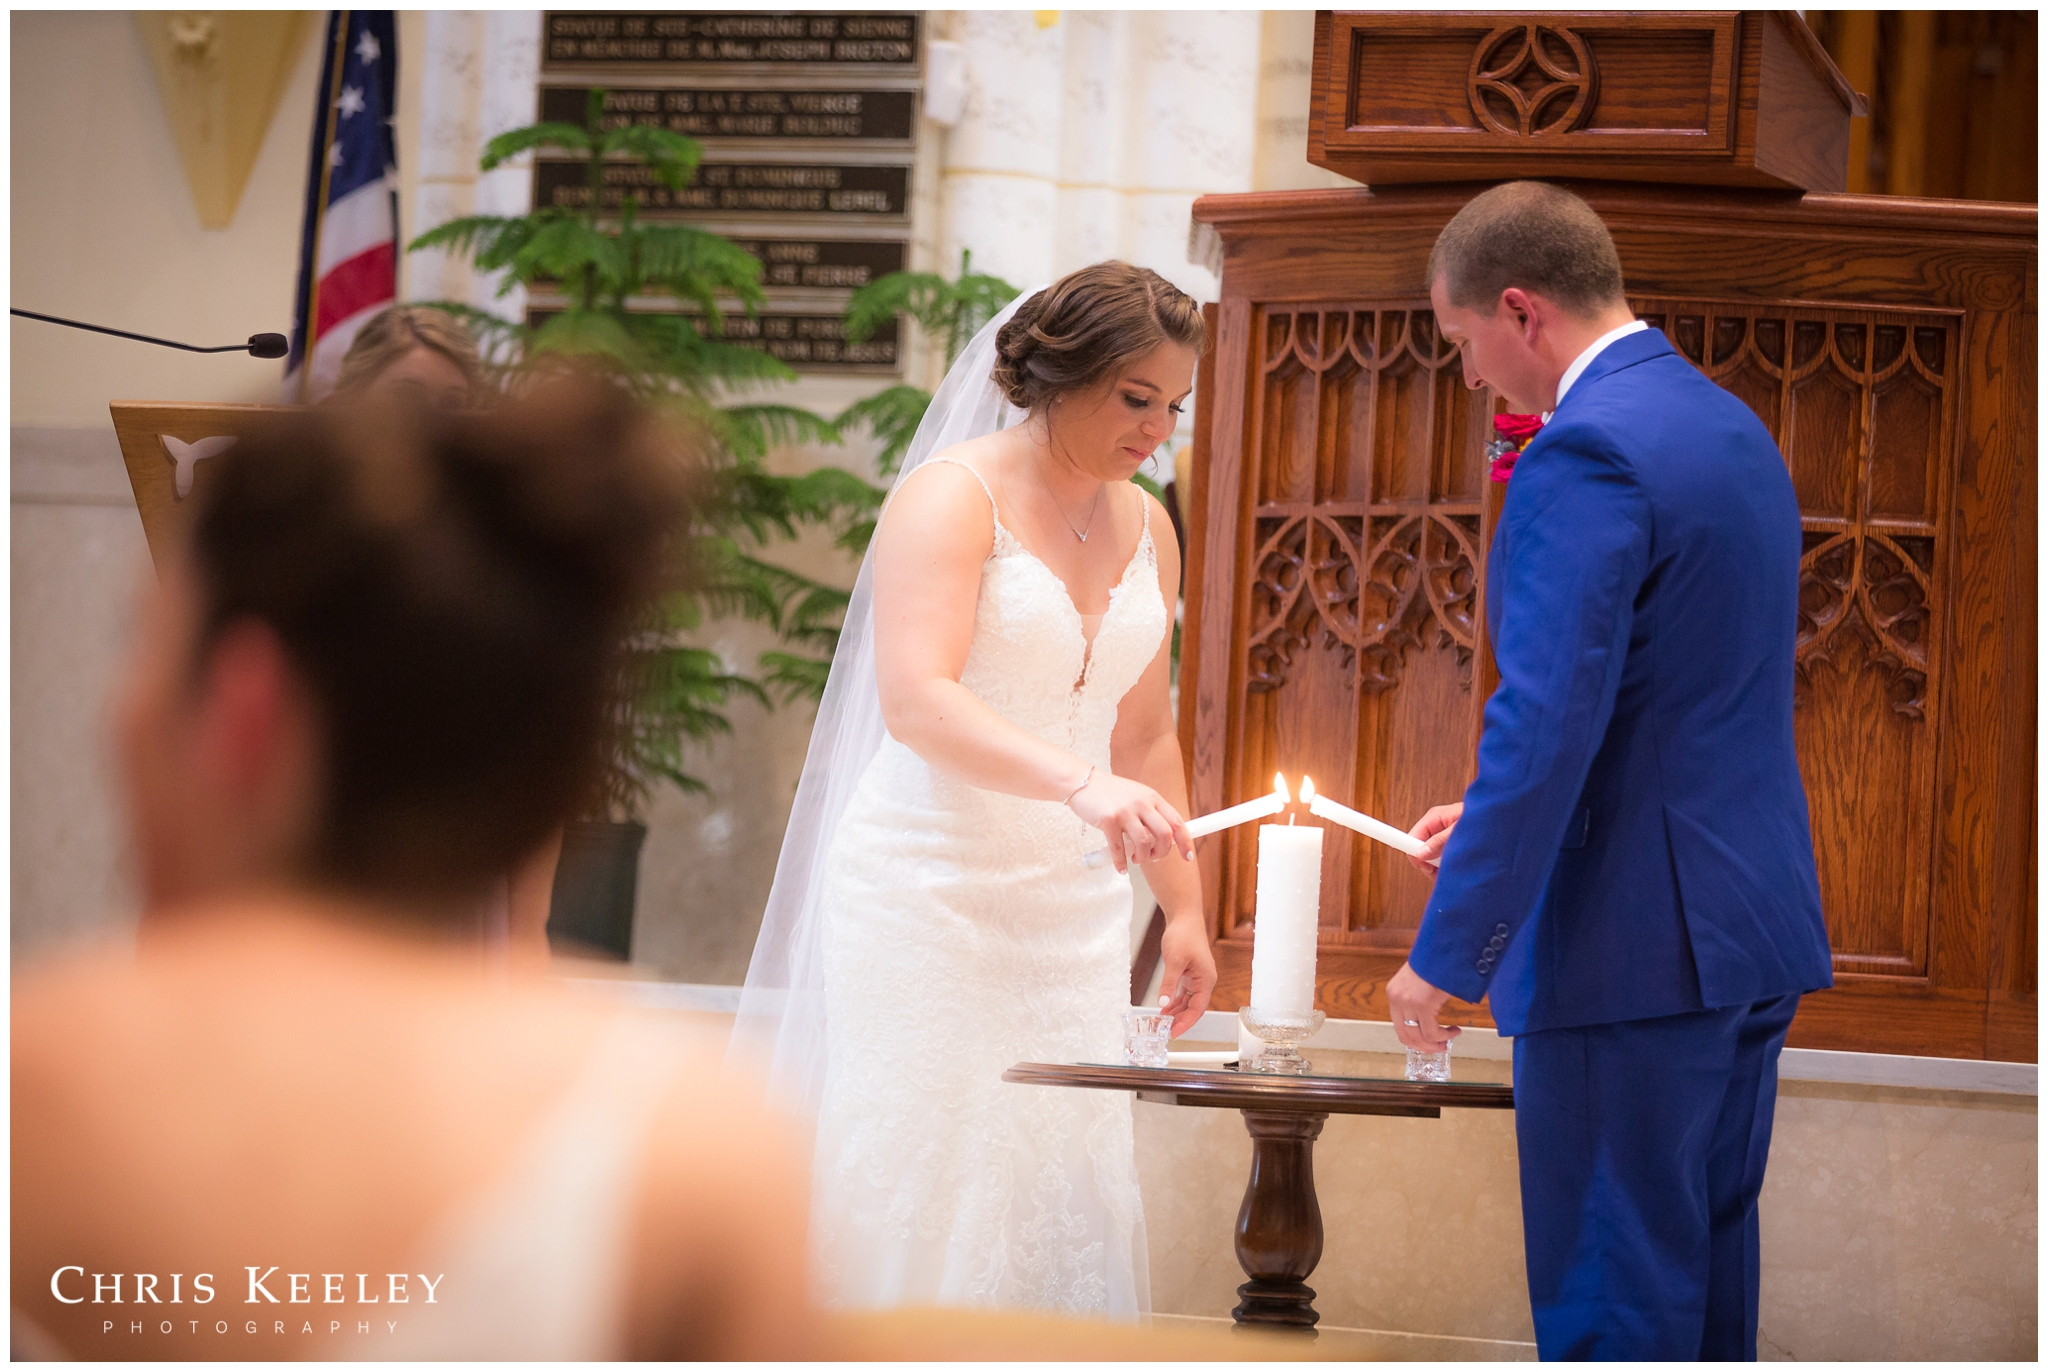 bride-groom-lighting-unity-candles.jpg